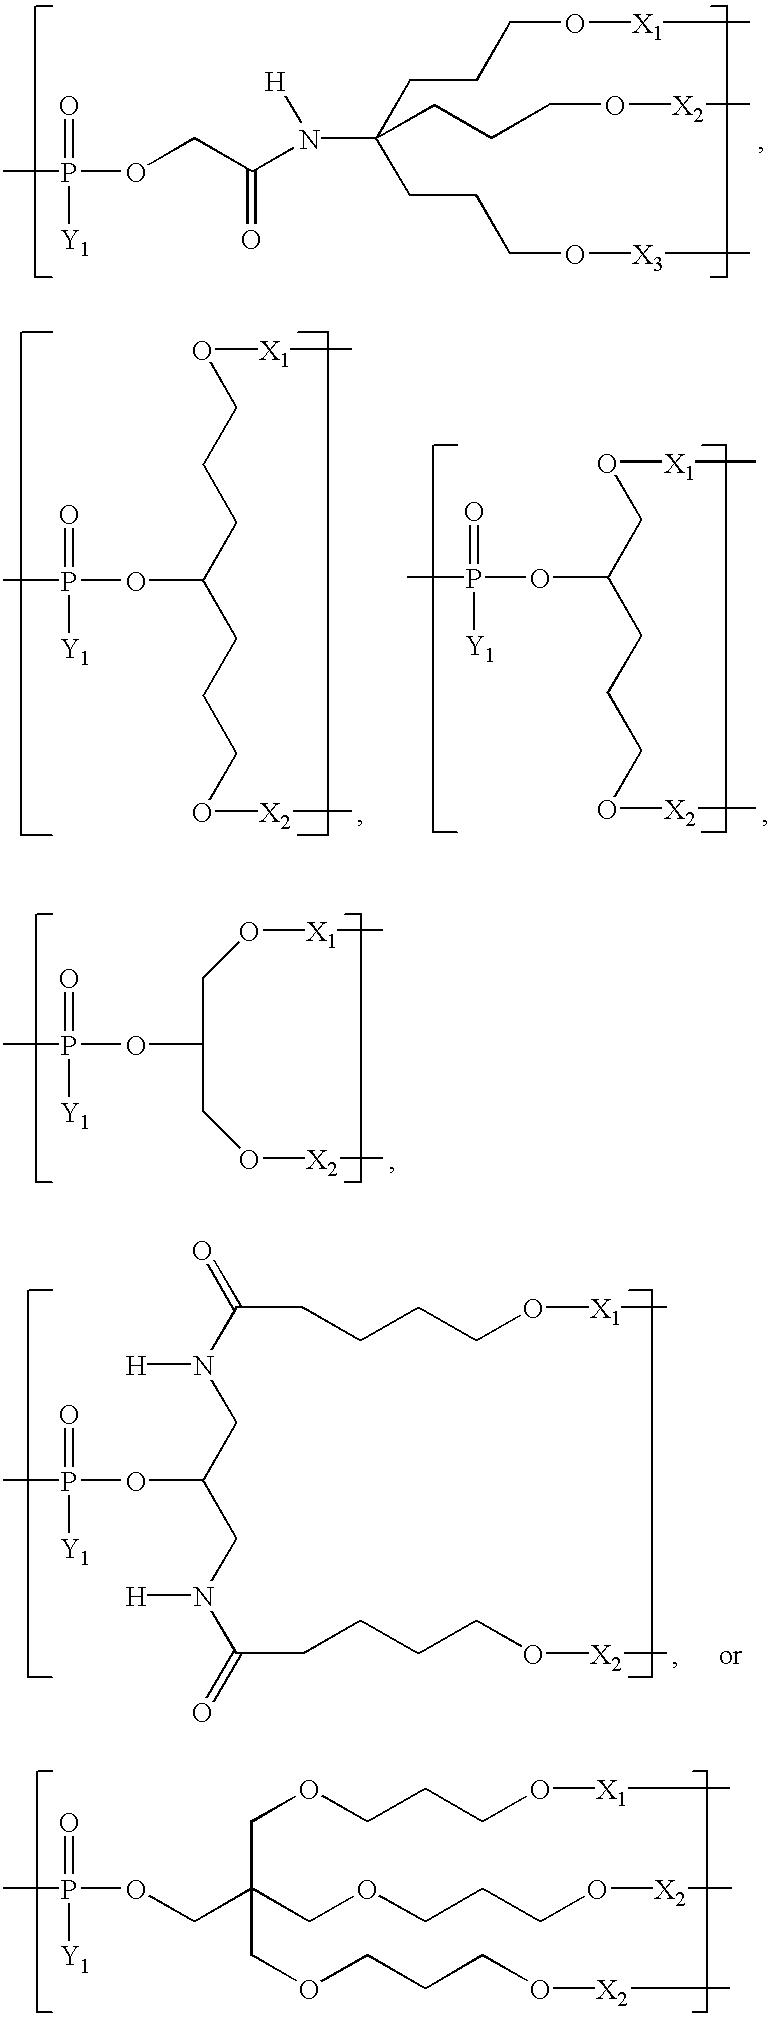 Figure US06893822-20050517-C00006